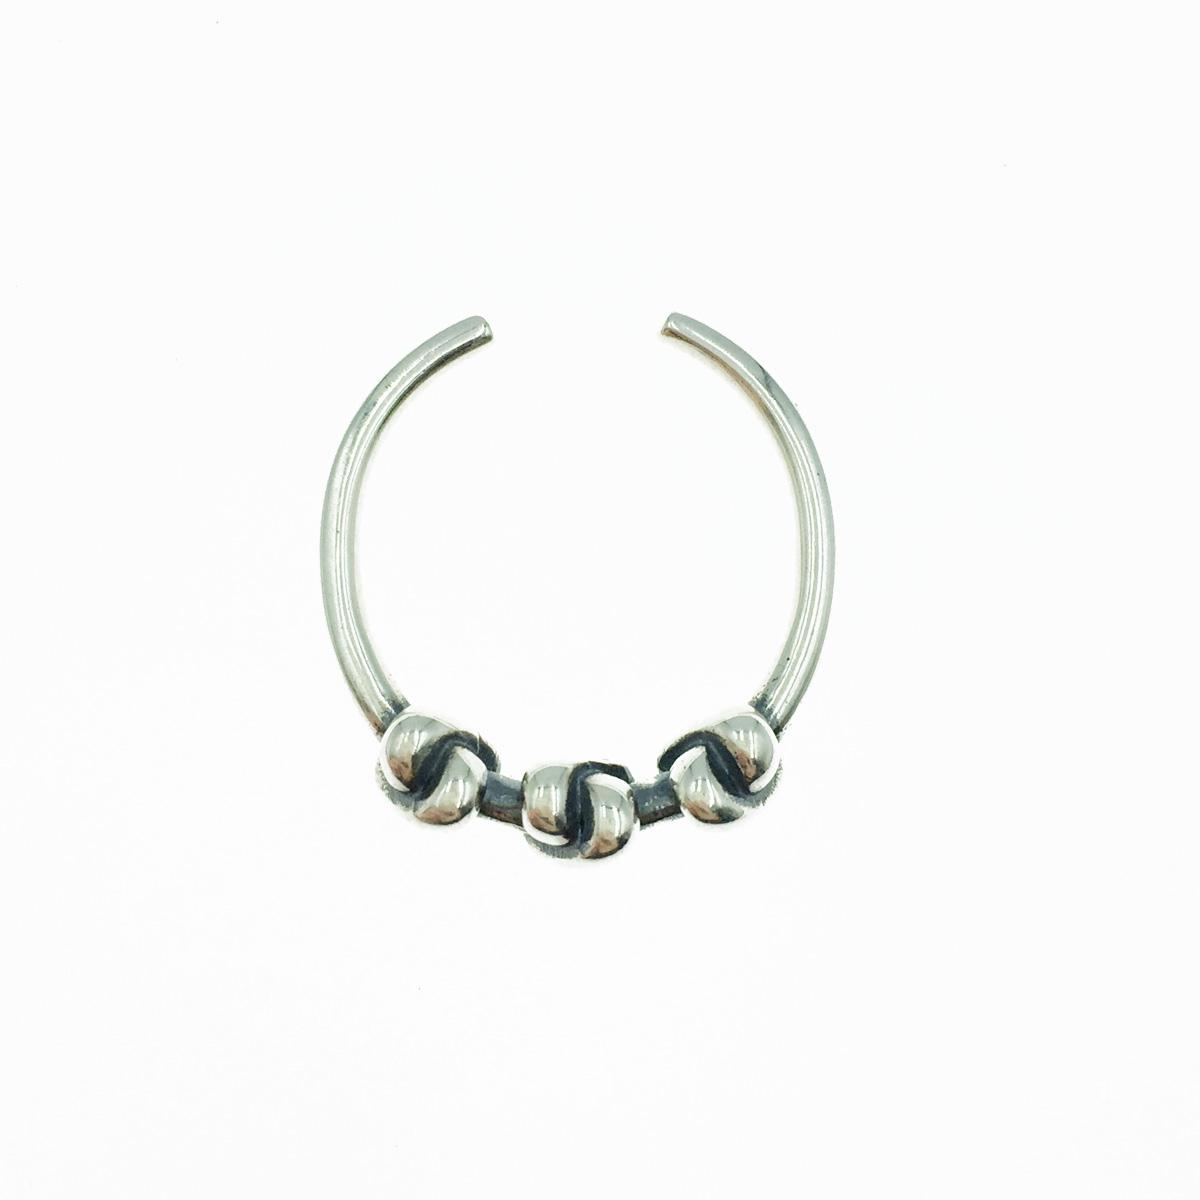 韓國 925純銀 交錯重疊 X 簡約金屬風 可調式 戒指